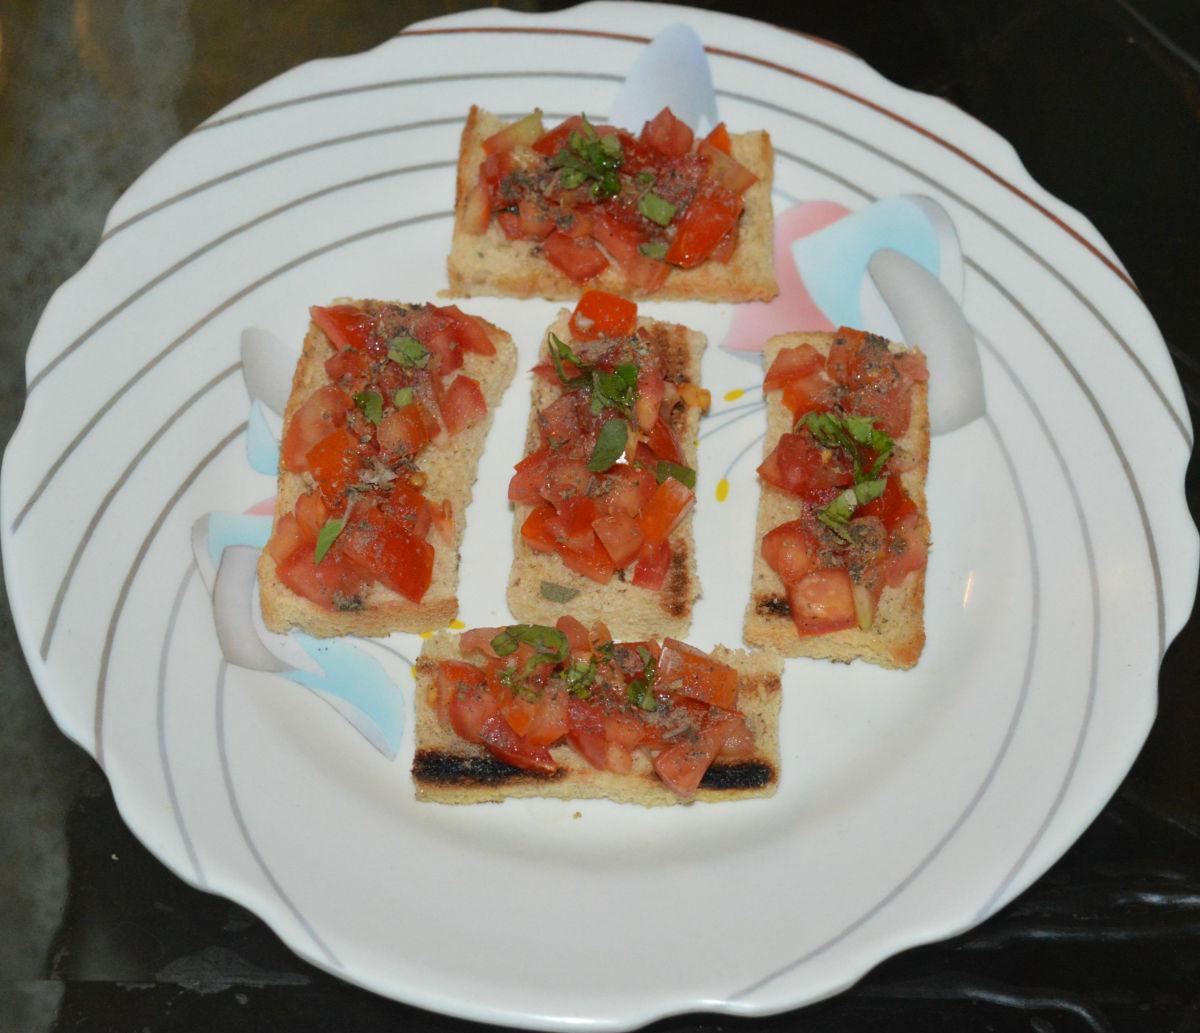 Homemade Italian tomato basil bruschetta